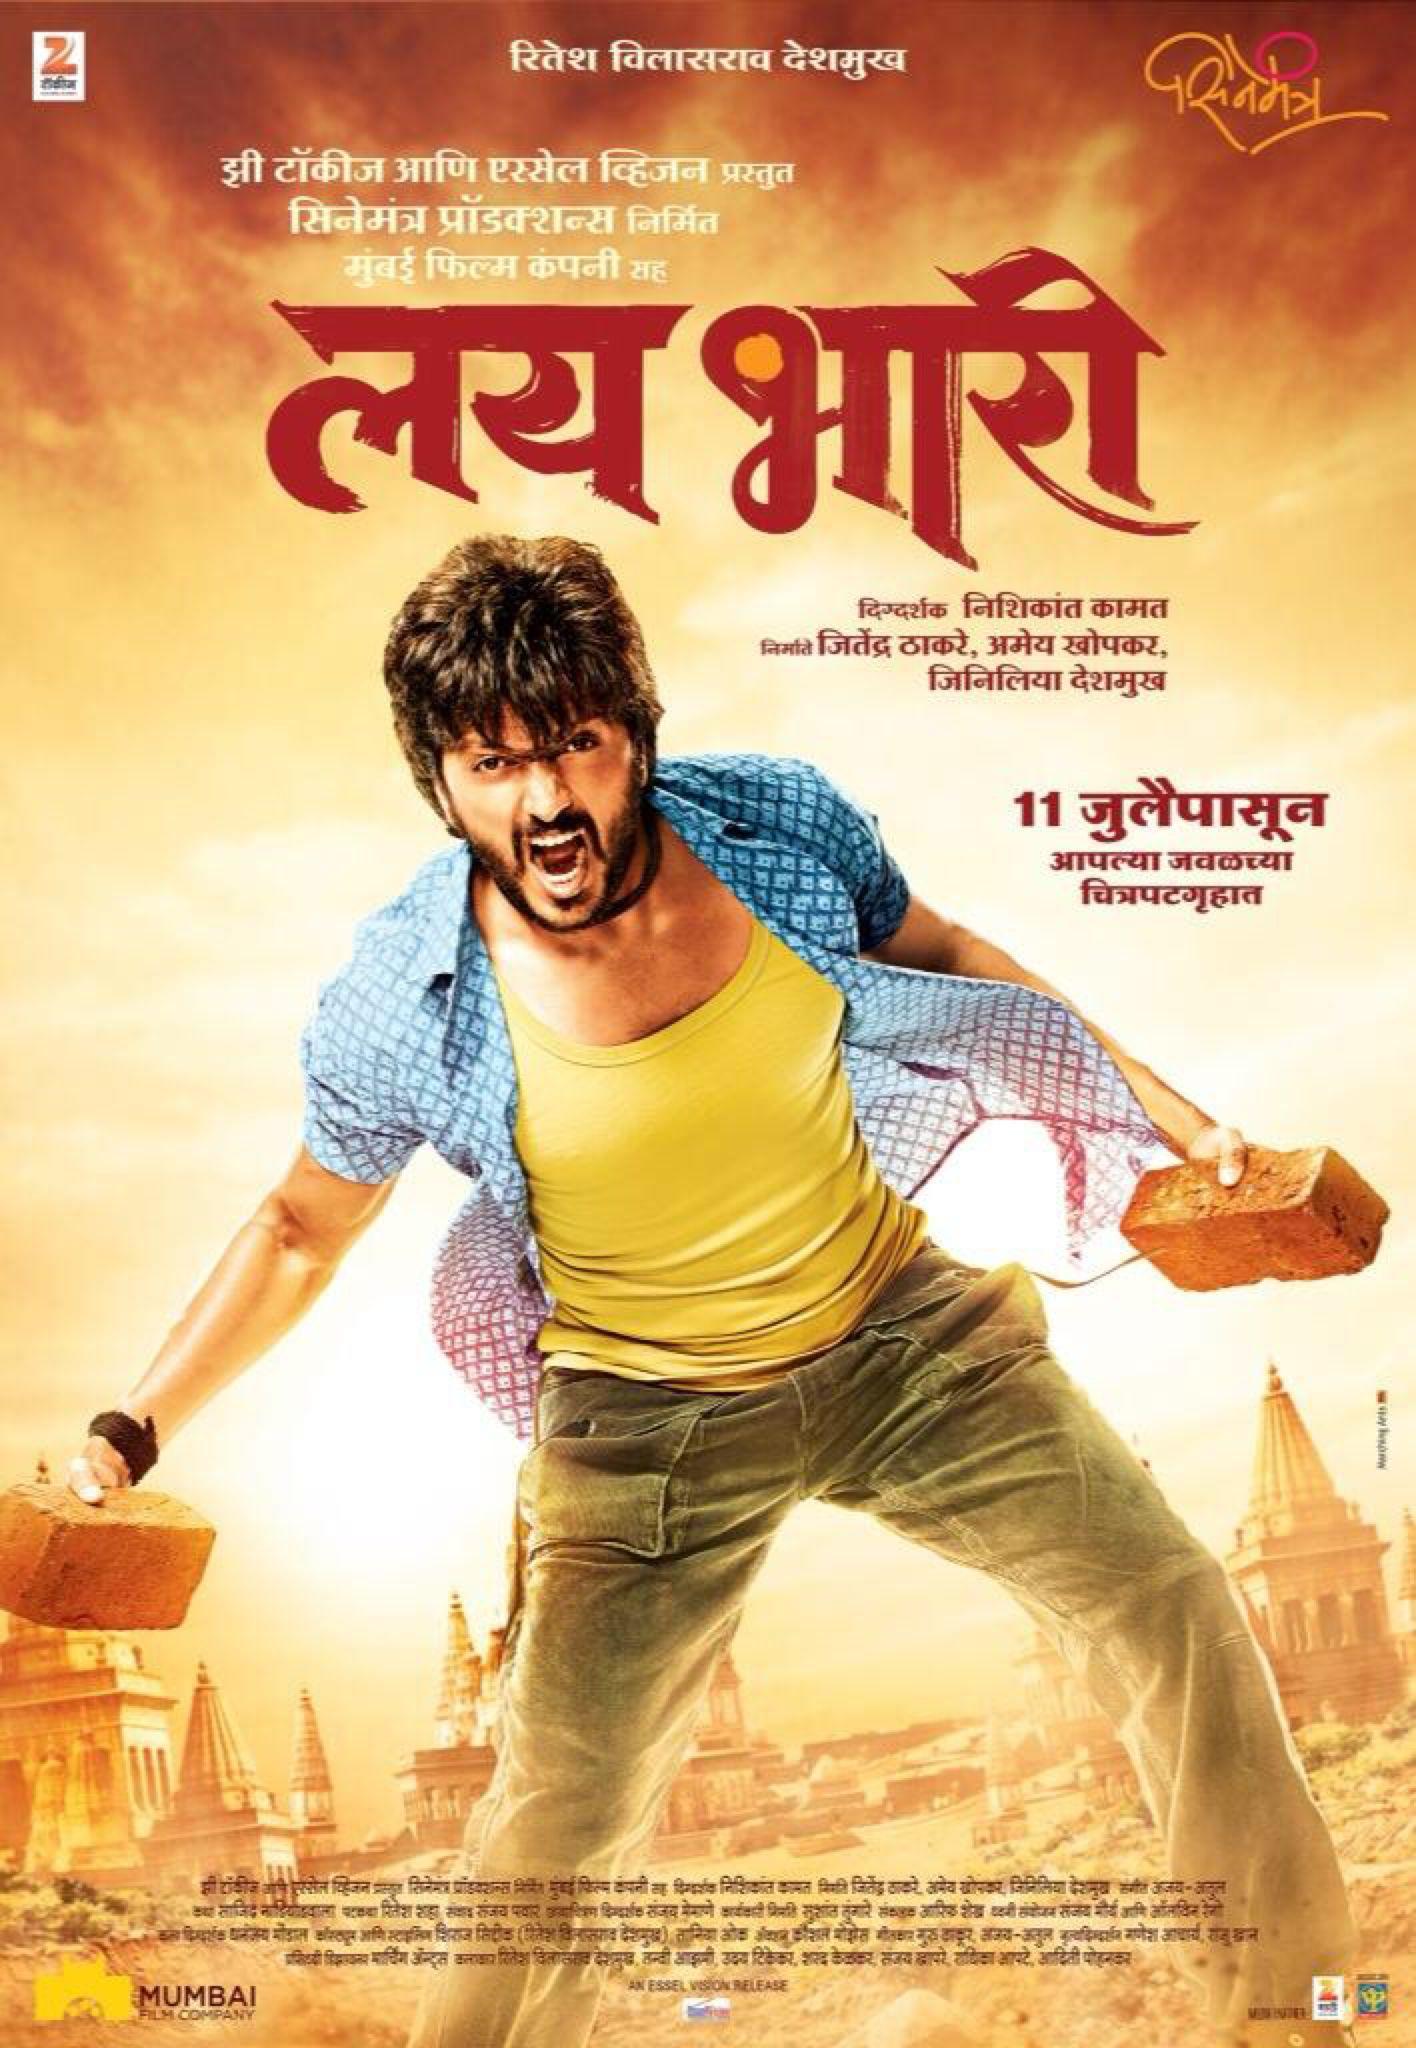 Lai Bhaari poster | リテーシュ...